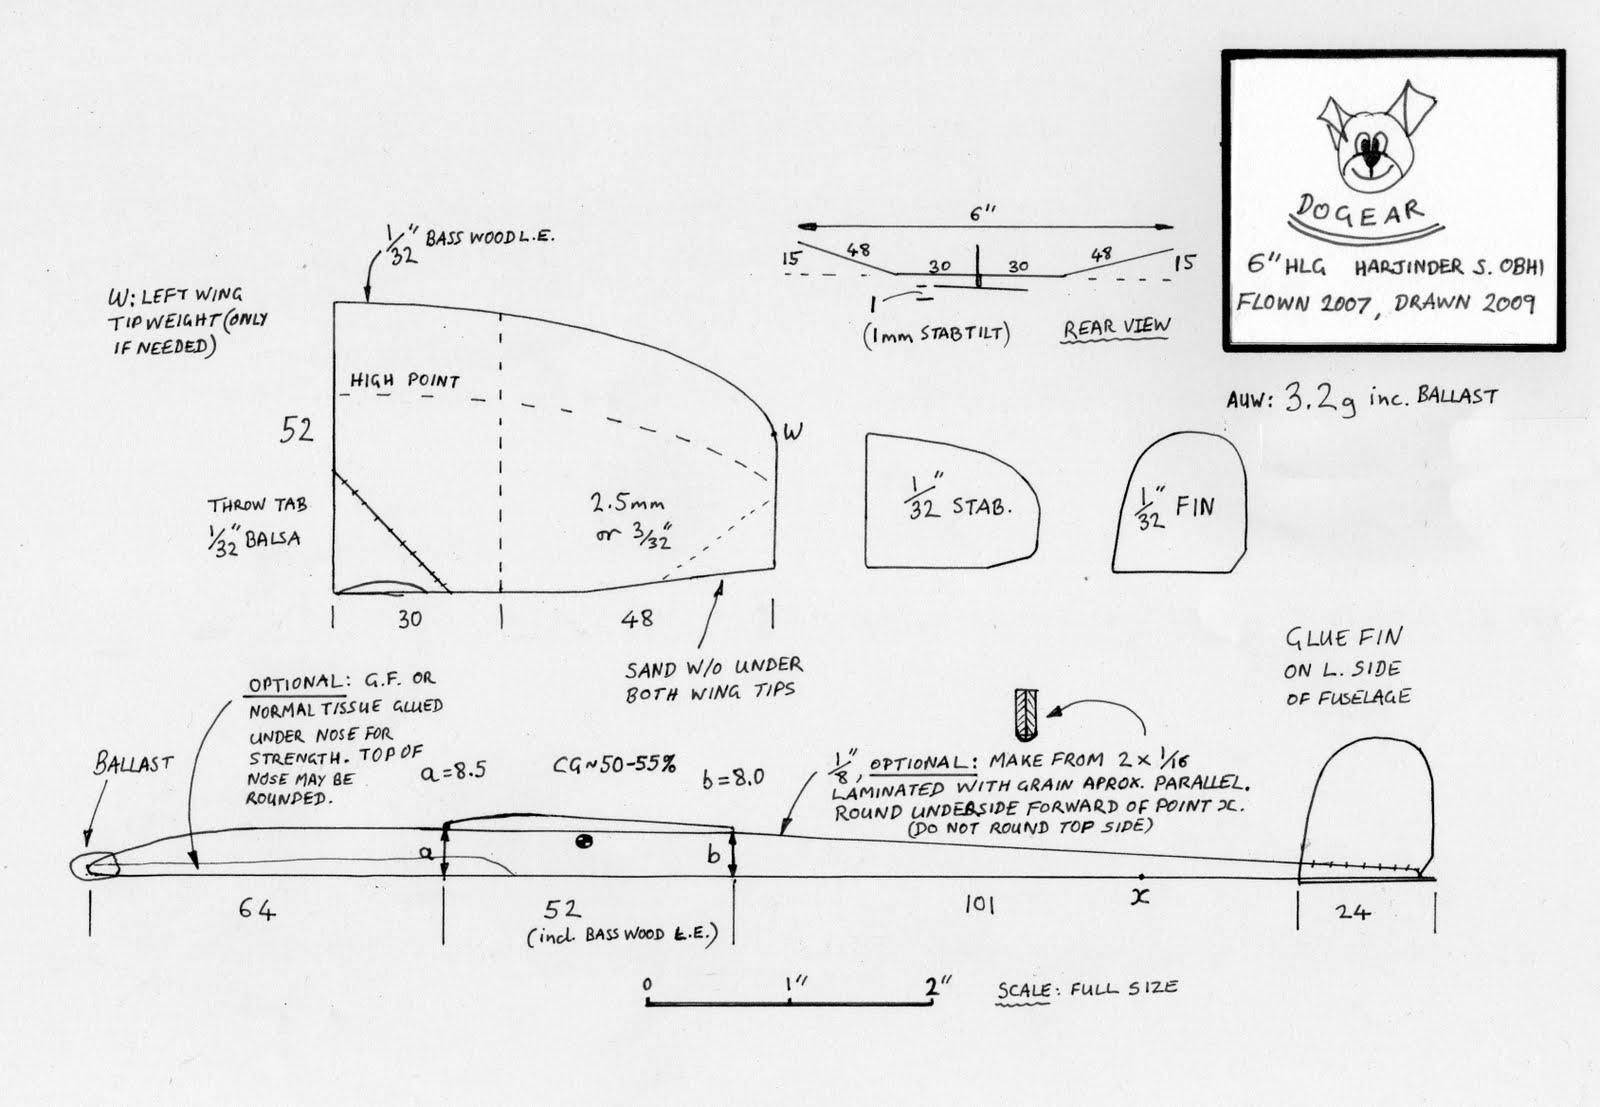 Chuck Glider S Model Aircraft Jotter Free Model Glider Plan Dogear